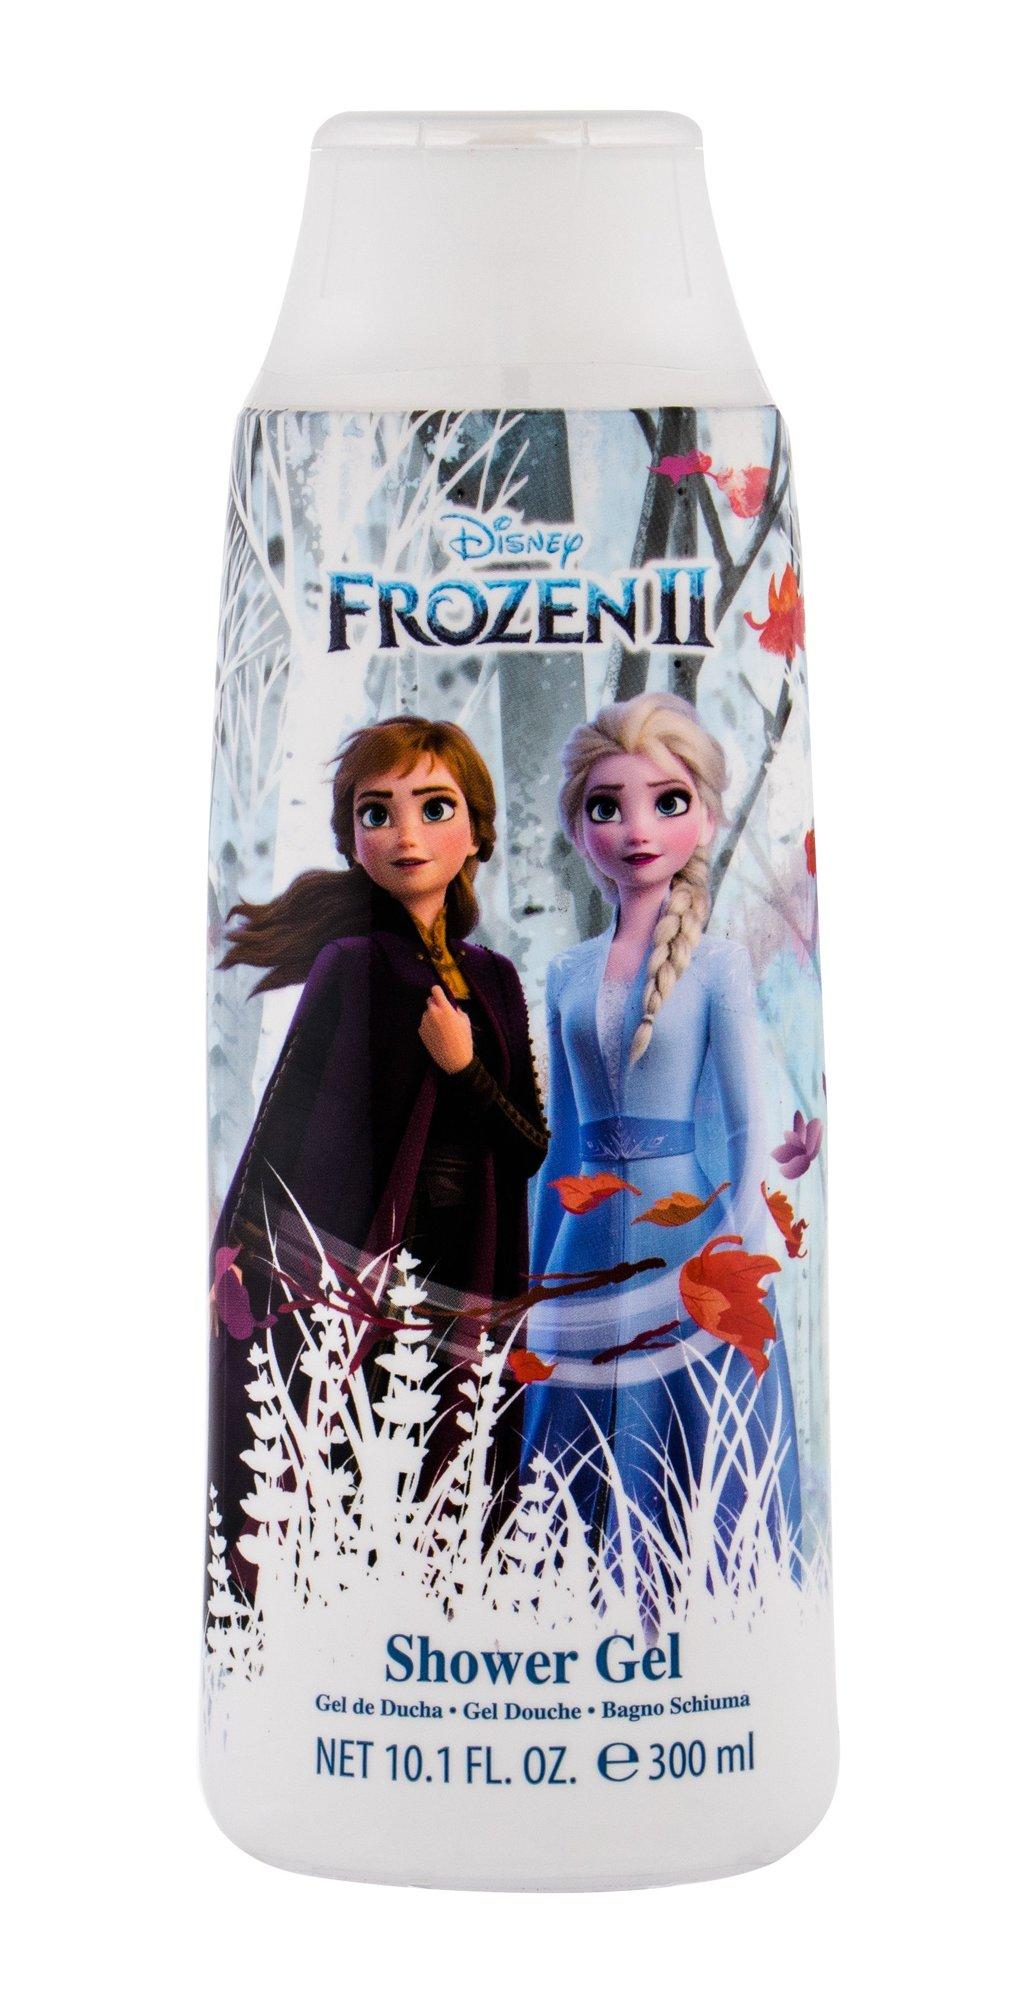 Disney Frozen II Shower Gel 300ml